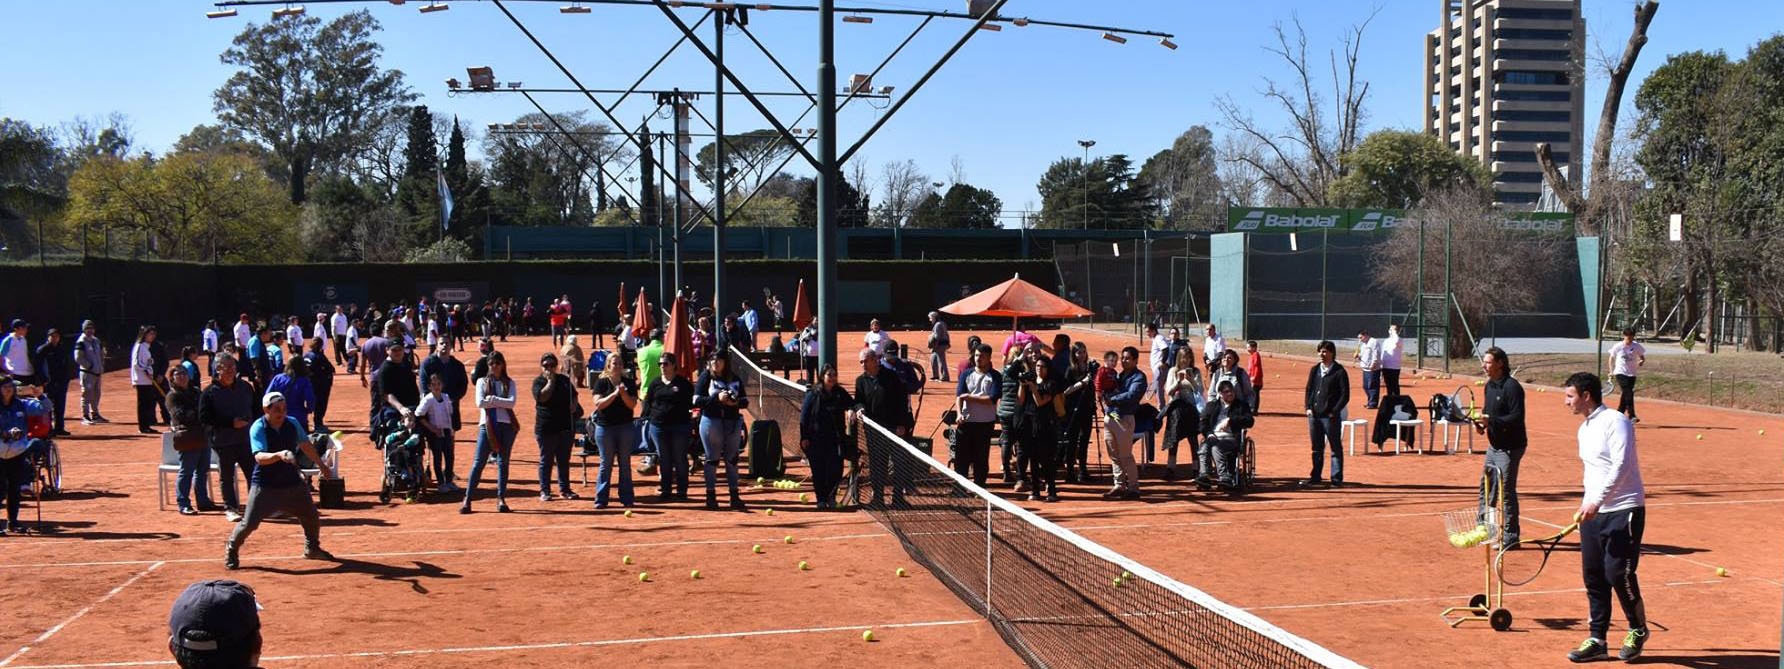 El 28/9 vuelve TENIS PARA TODOS, 2a Jornada de tenis adaptado e inclusivo en el Lawn